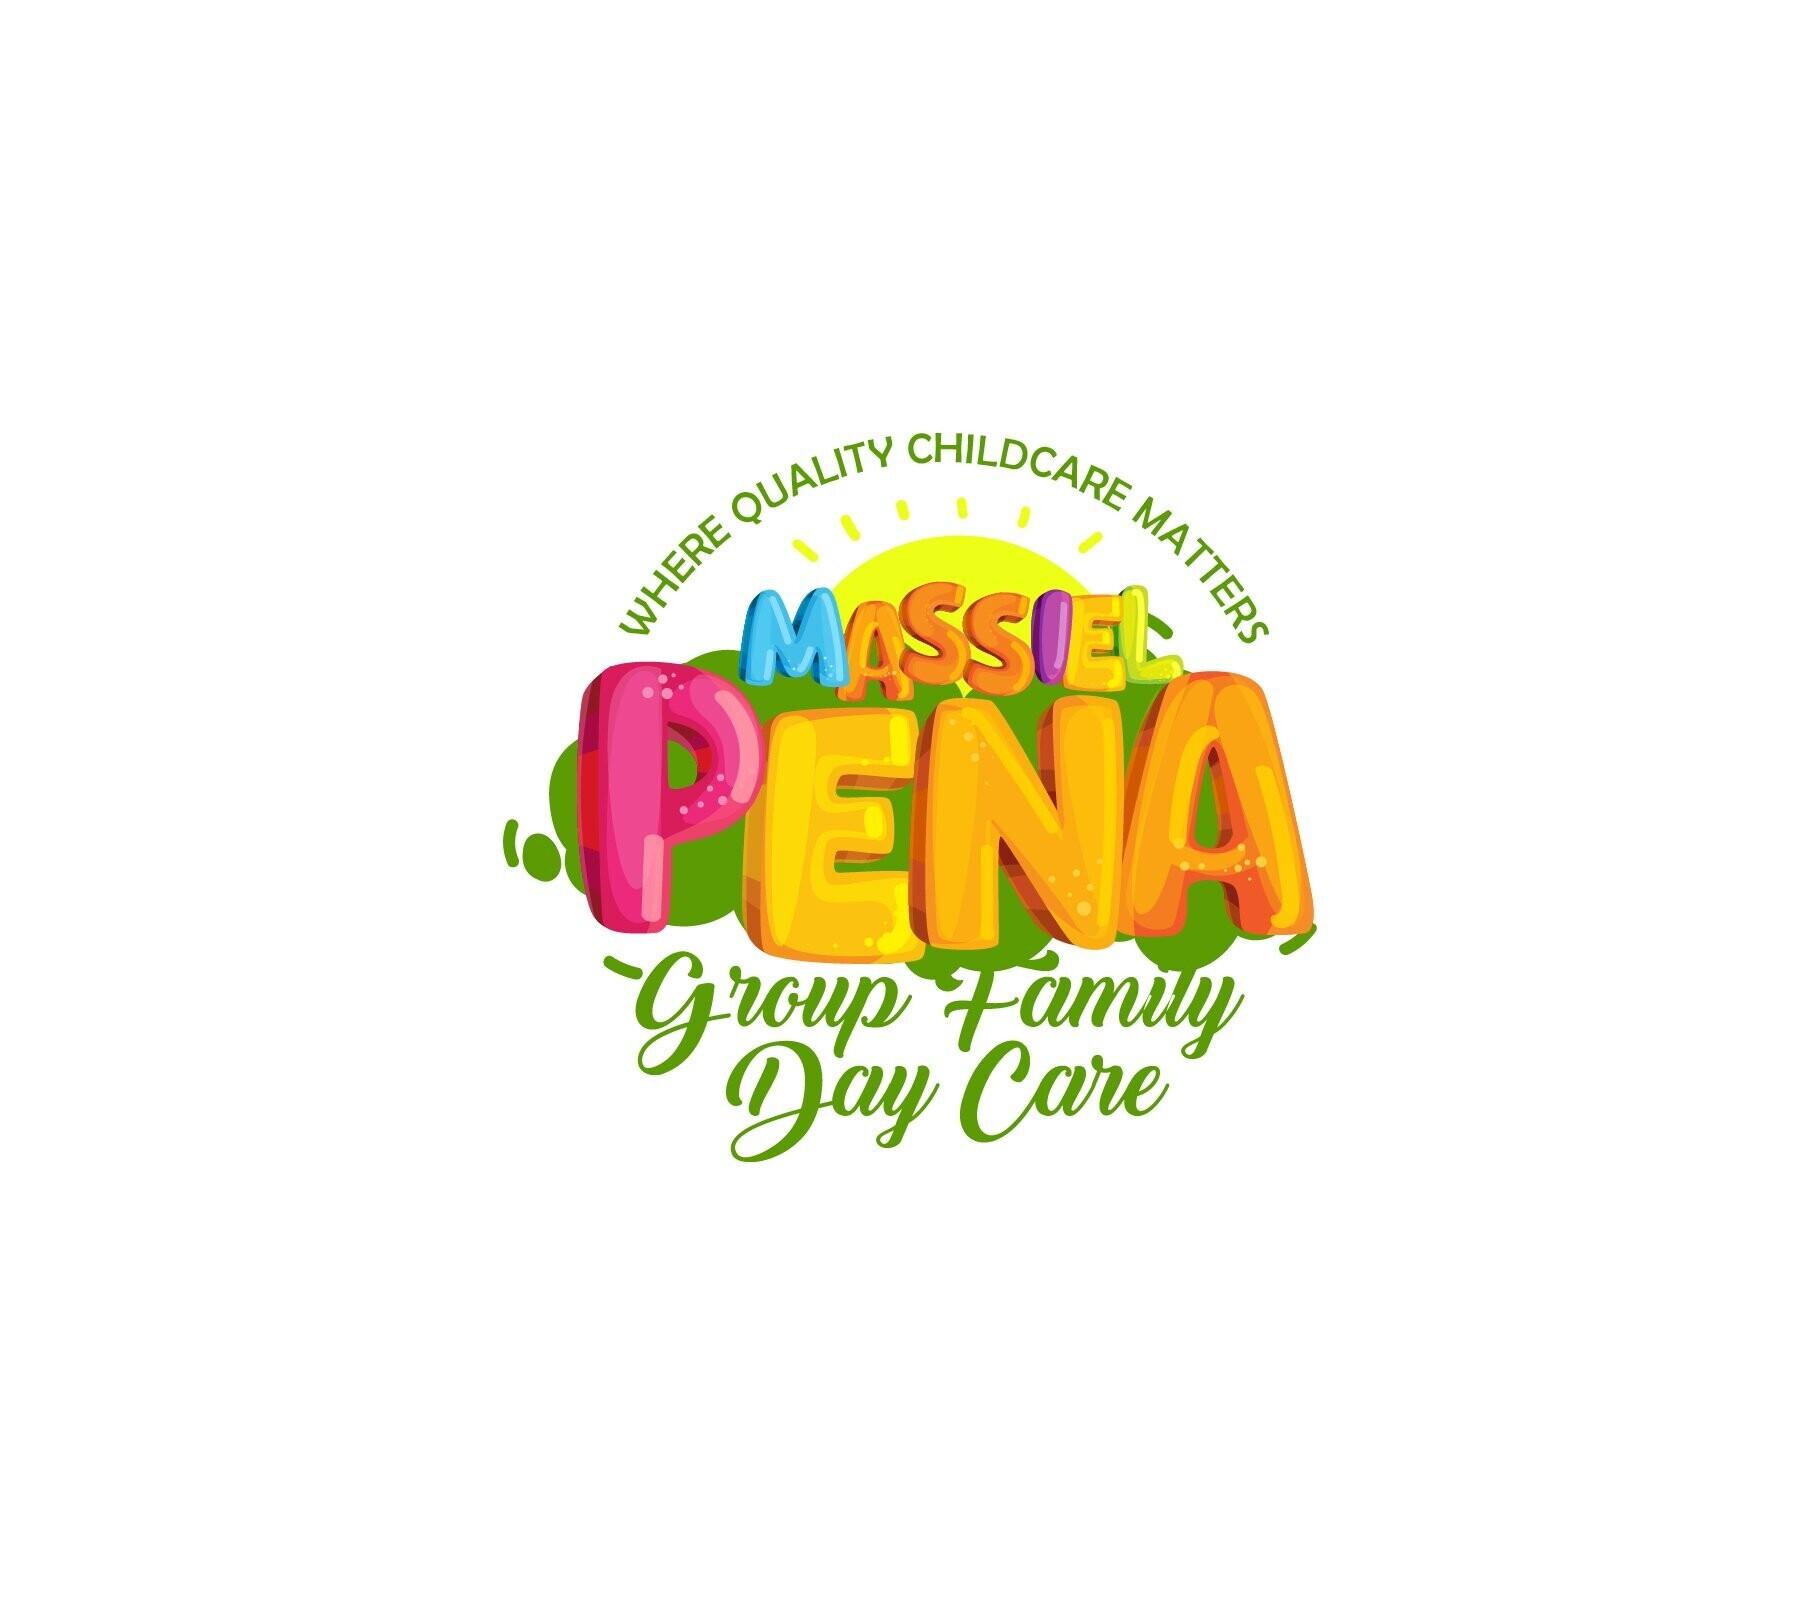 Massiel Pena